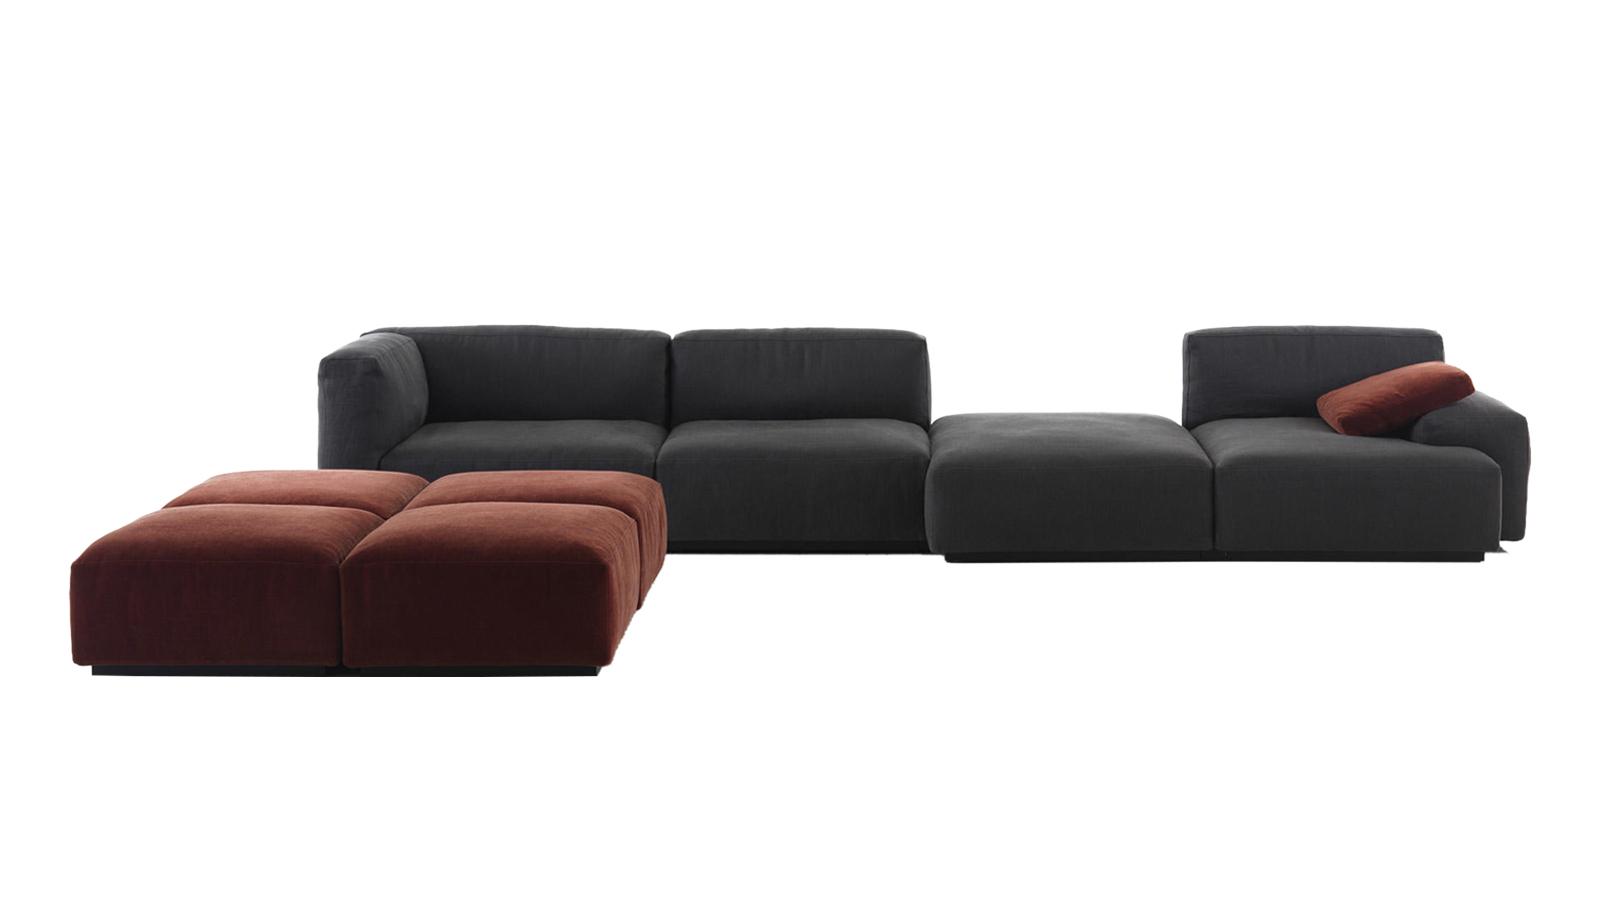 A Mex Cube egyszerű, mégis sokoldalú kanapé, mely a világhírű designer, Piero Lissoni fejéből pattant ki. Célja egy dinamikus, kreatív szisztéma kitalálása volt, amely egymástól külálló bútorok, de akár egybefüggő sziget kialakítását is lehetővé teszi. A szuperpuha kanapé hibátlanul alkalmazkodik használója igényeihez, és egyedi szépségével minden szempárt magára vonz.